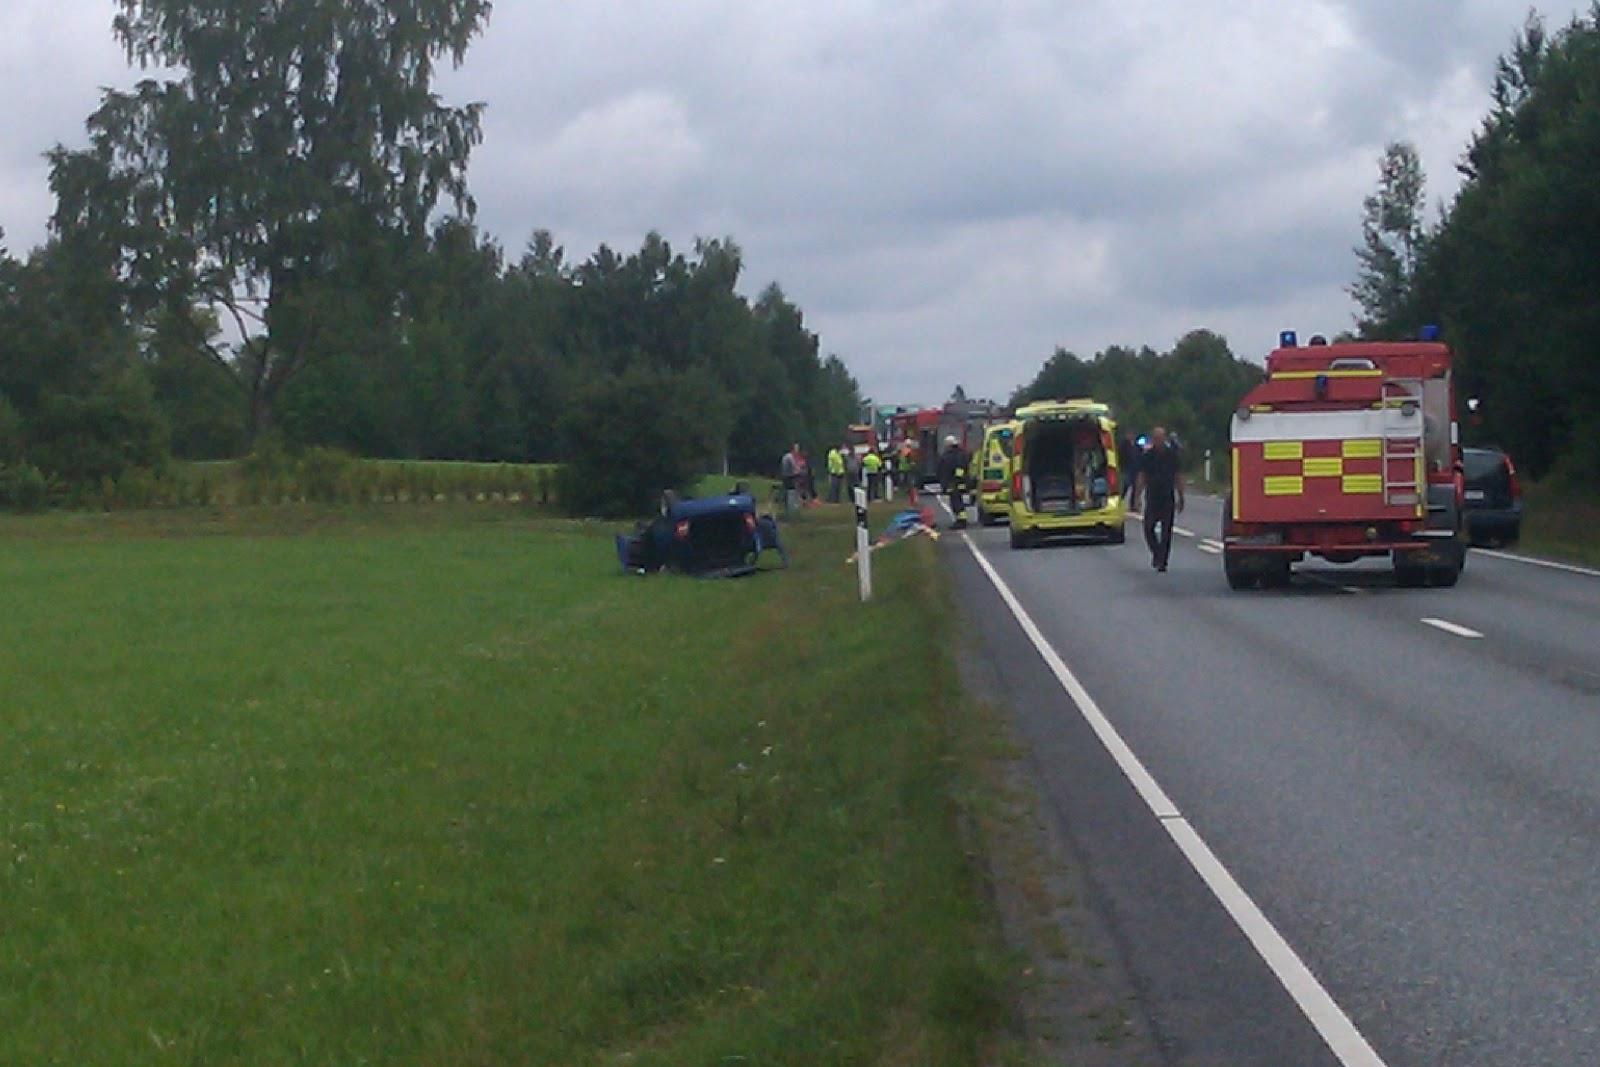 GGVV News Trafikolycka Smålandsstenar